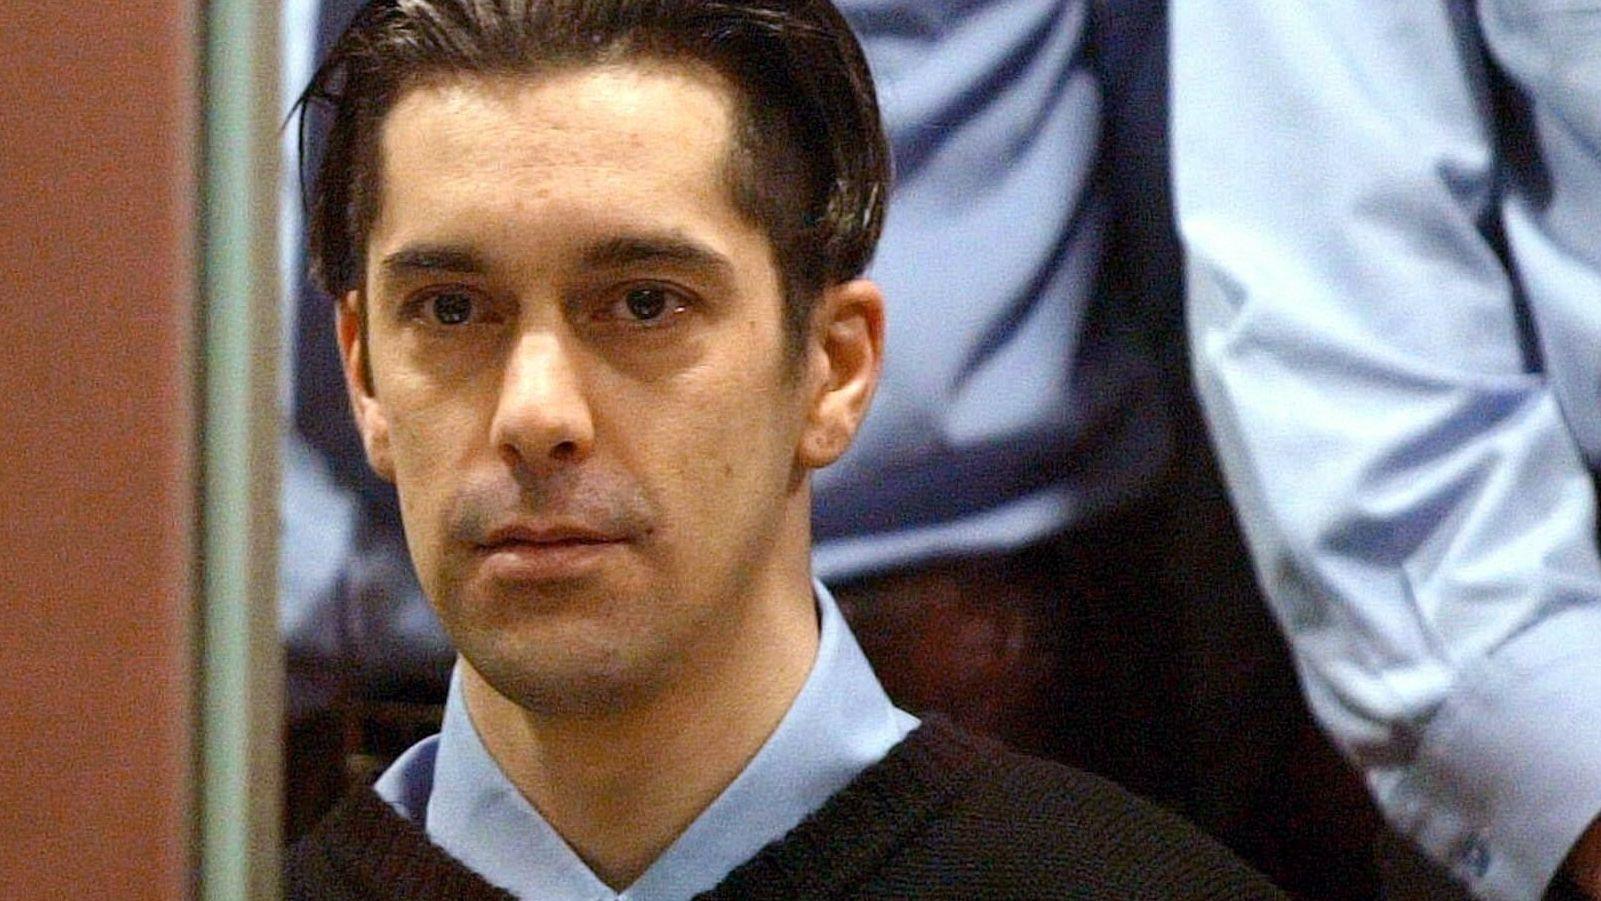 Michel Lelièvre 2004 bei der Urteilsverkündung vor Gericht in der Provinzhauptstadt Arlon.